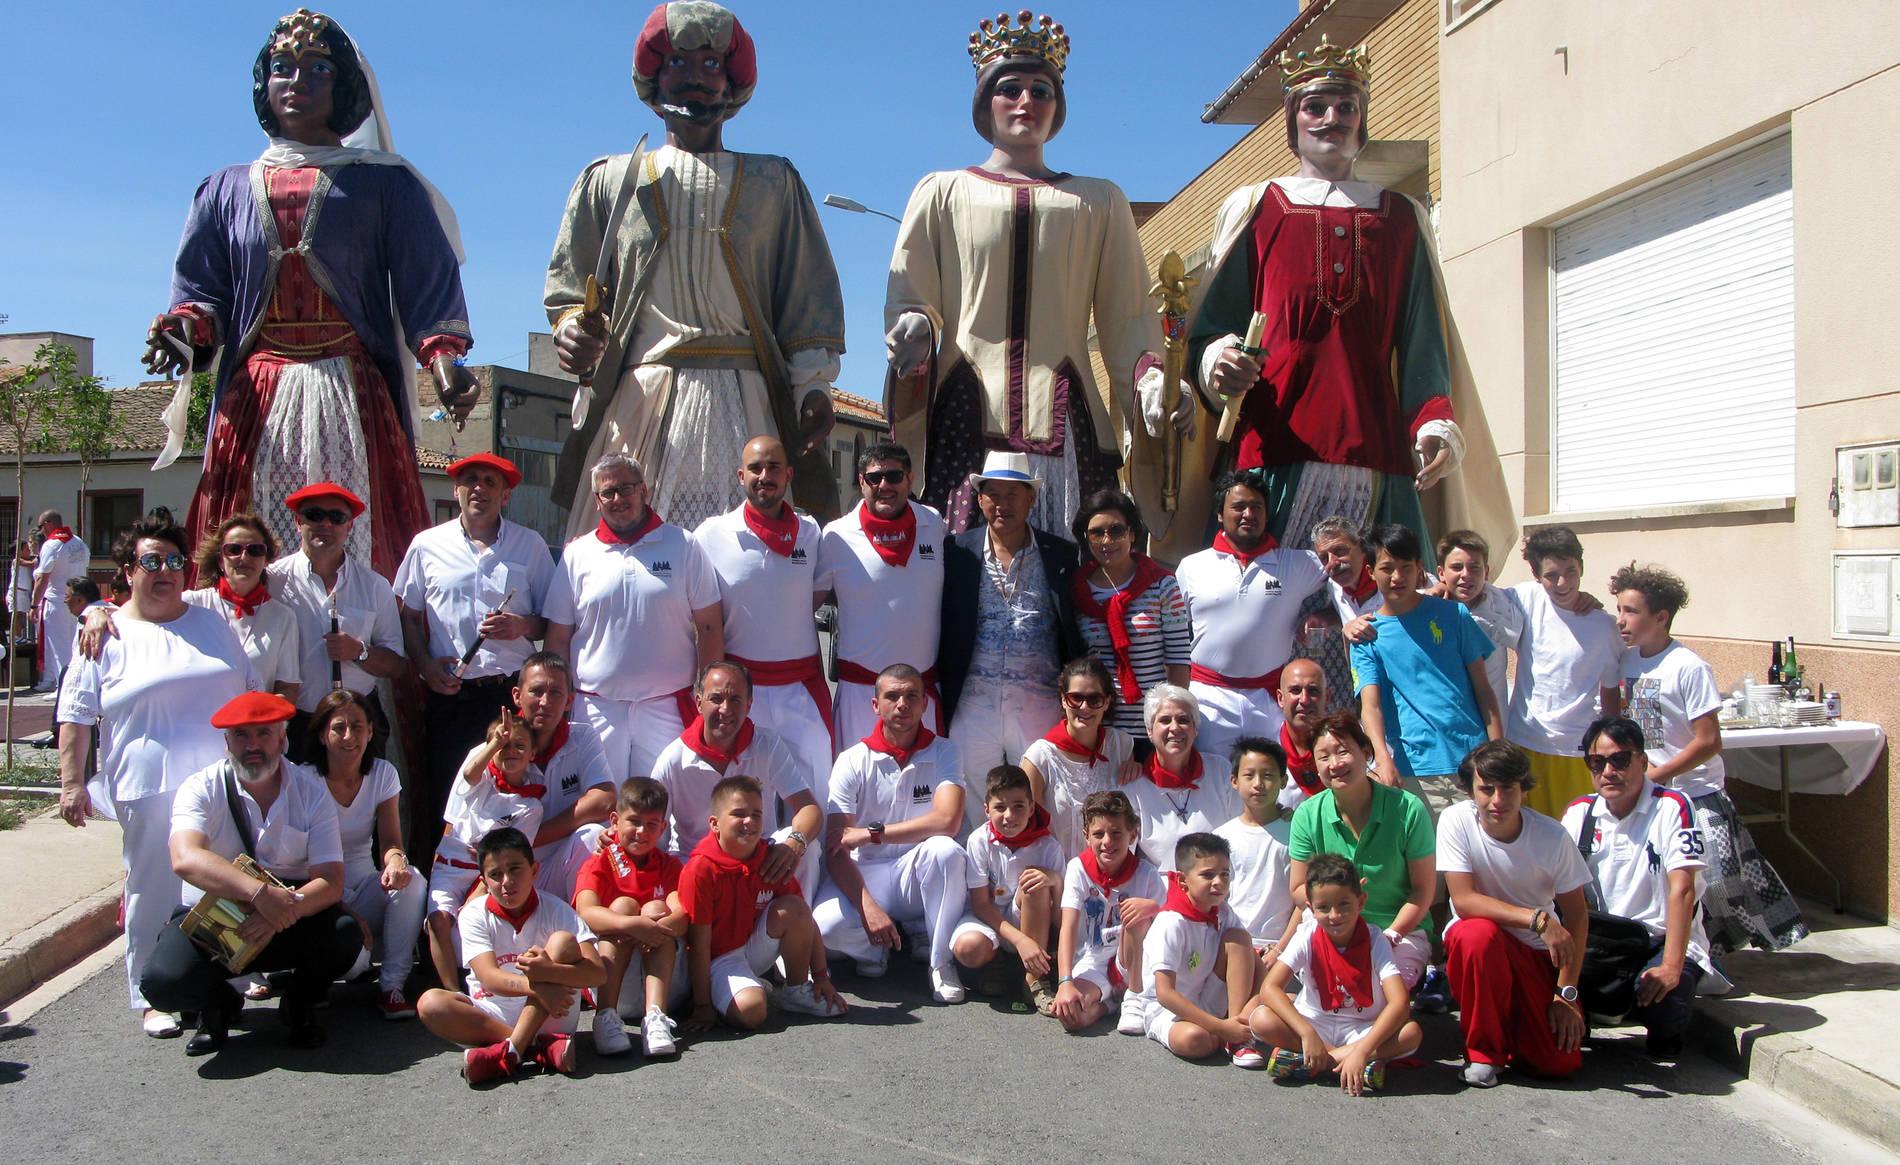 Imágenes del día 20 de las fiestas de Murchante (1/5) - Imágenes de los actos del día 20 de las fiestas de Murchante. - Tudela y Ribera -